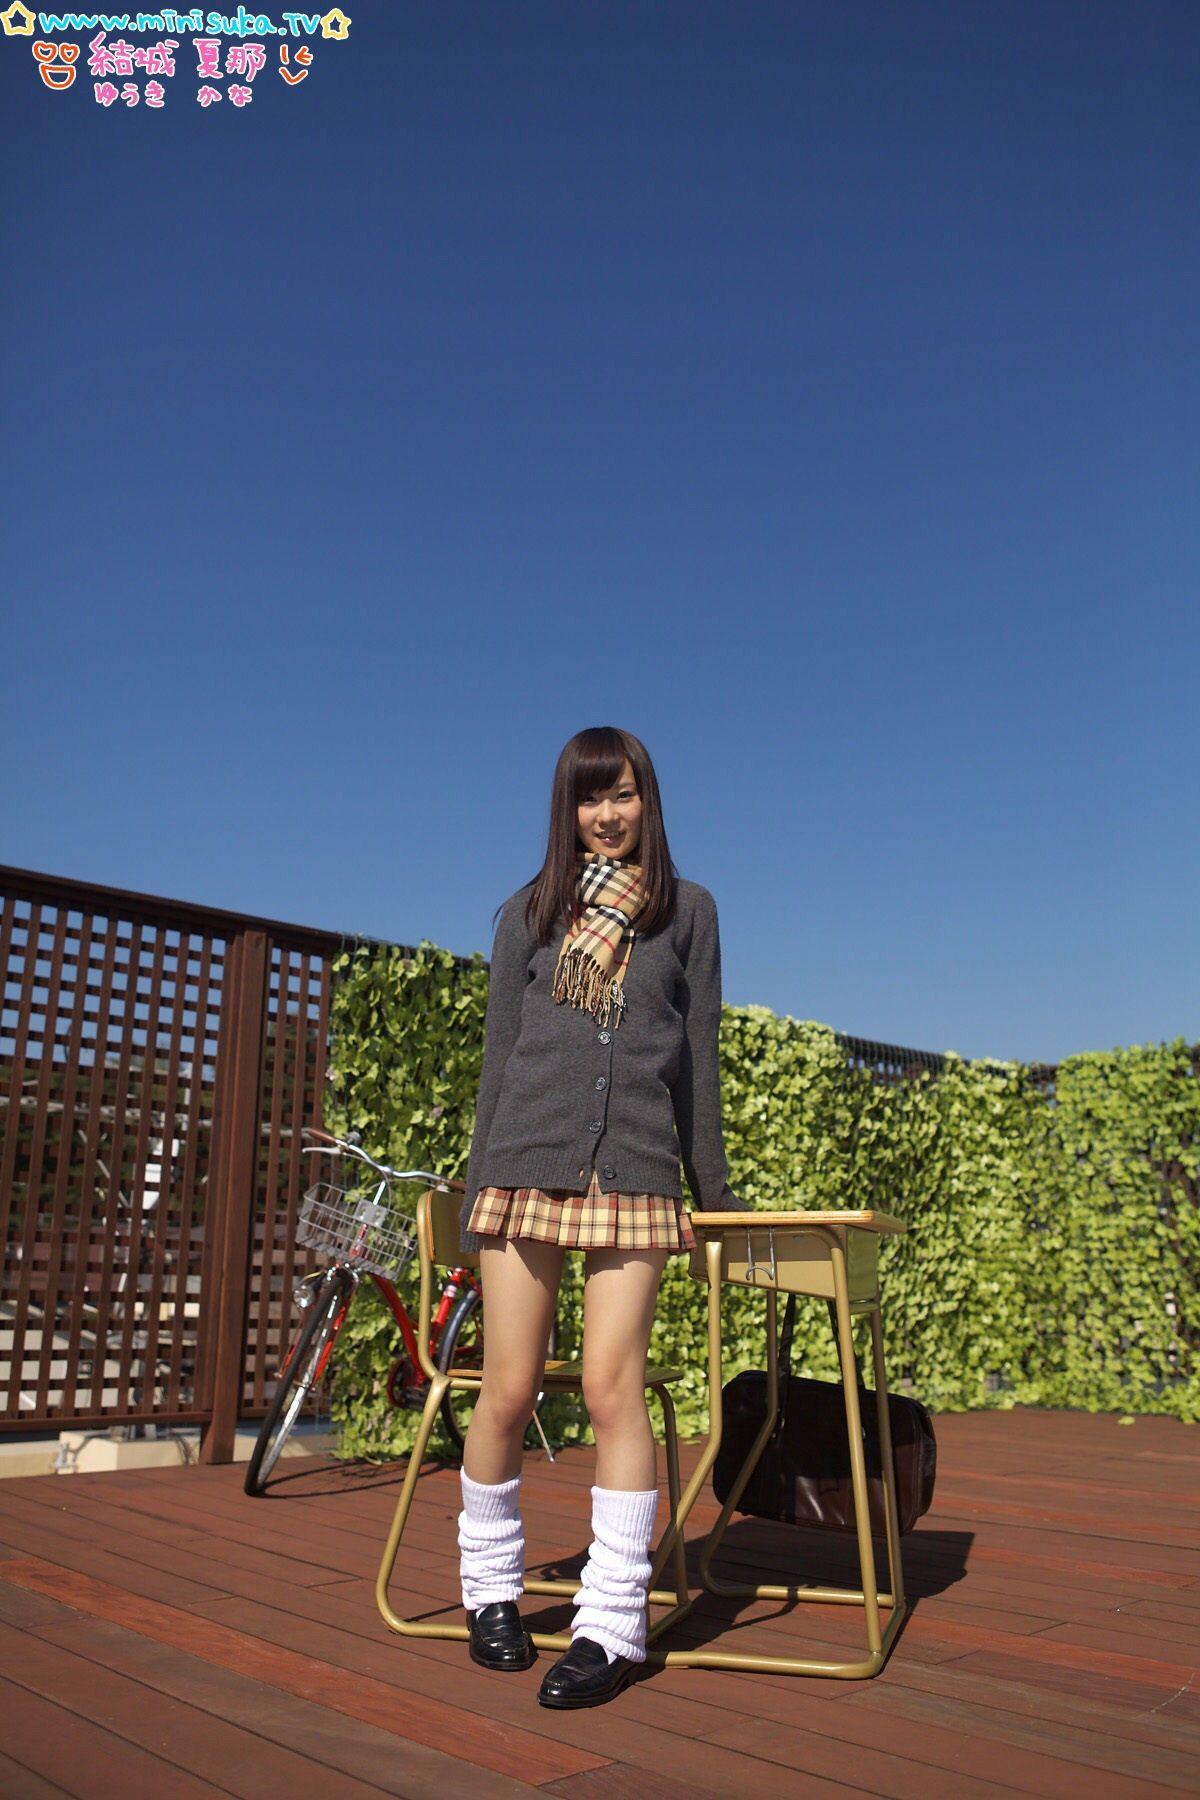 三次元 3次元 エロ画像 JK 女子校生 ルーズソックス べっぴん娘通信 08